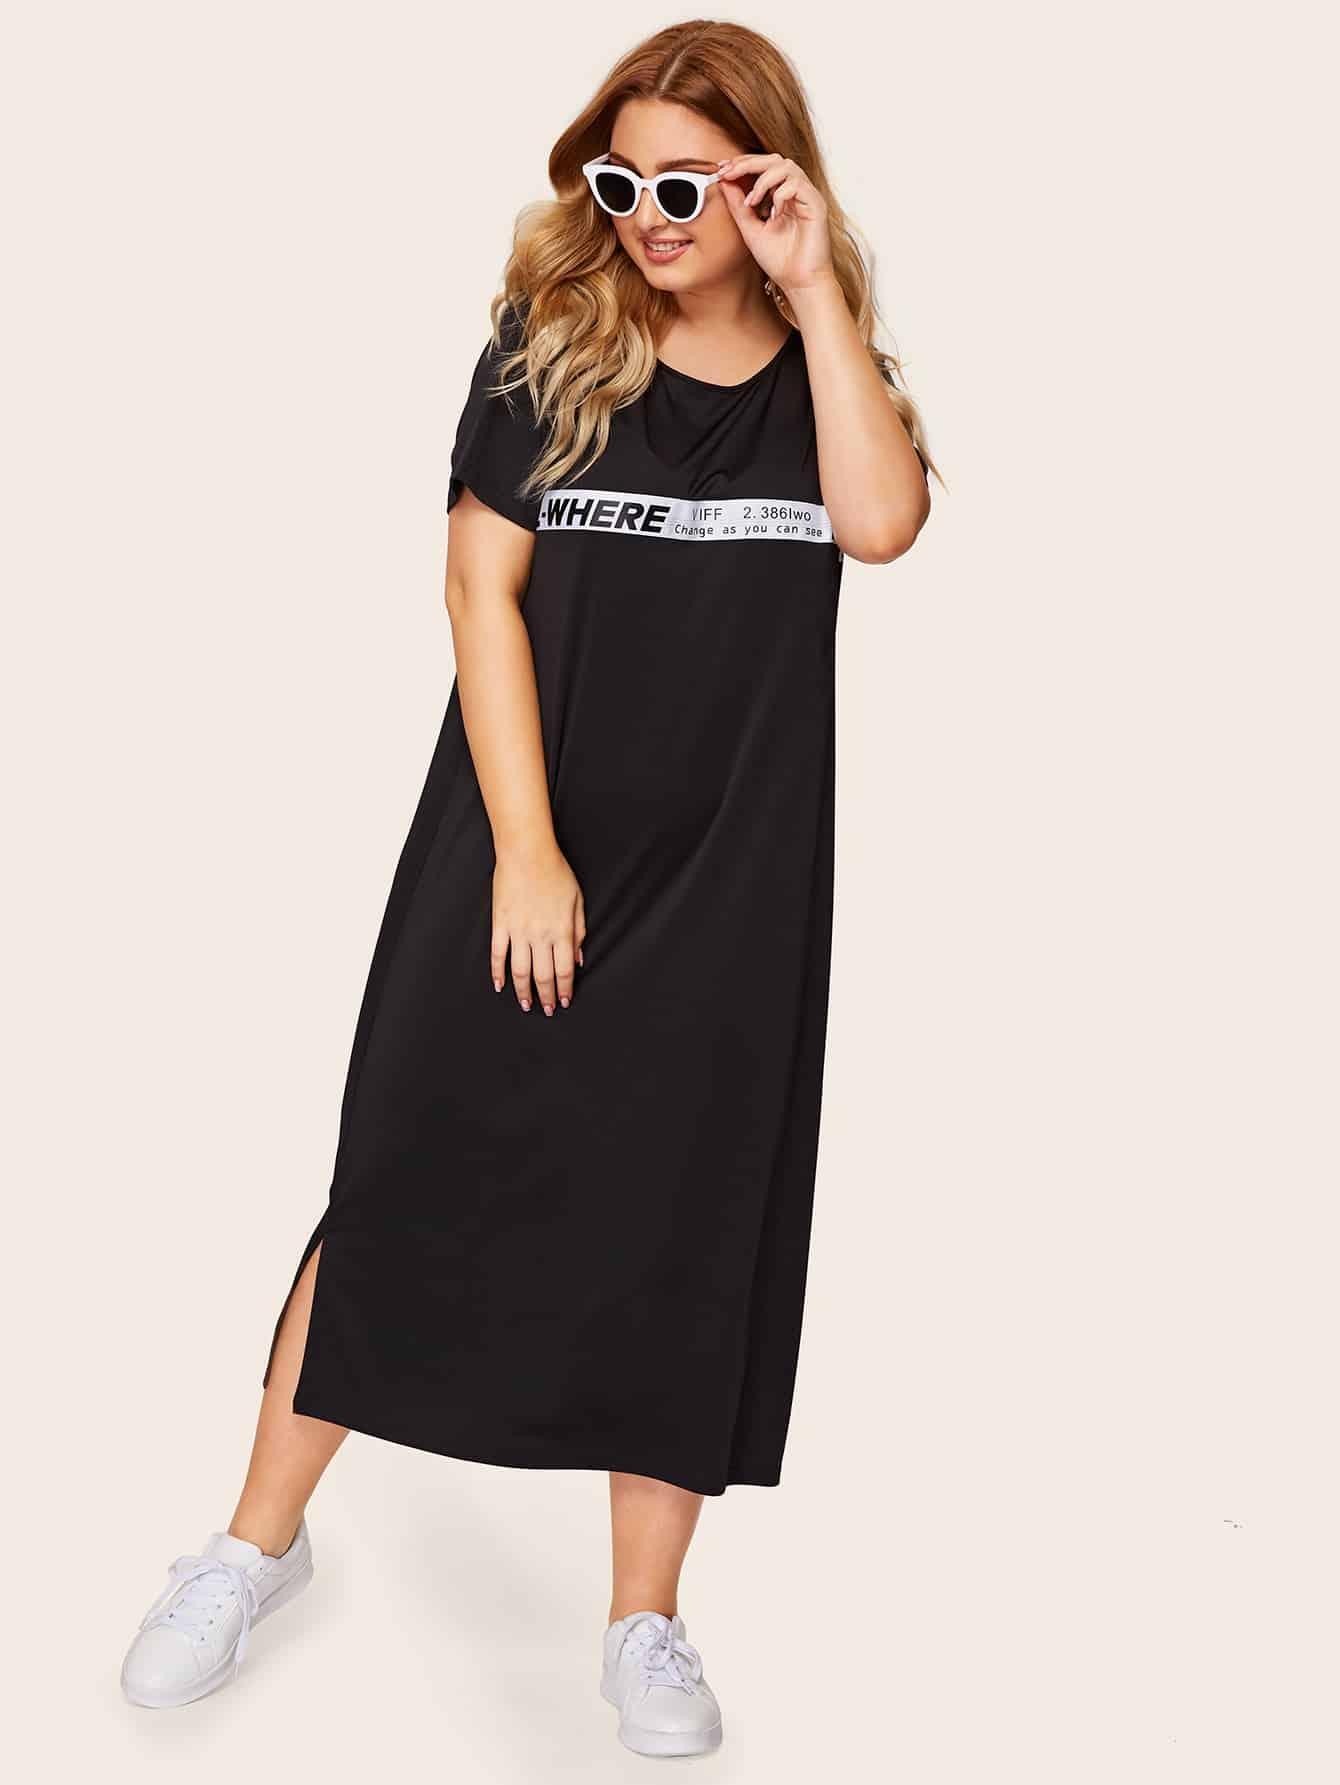 Размера плюс платье с полосками и текстовым принтом